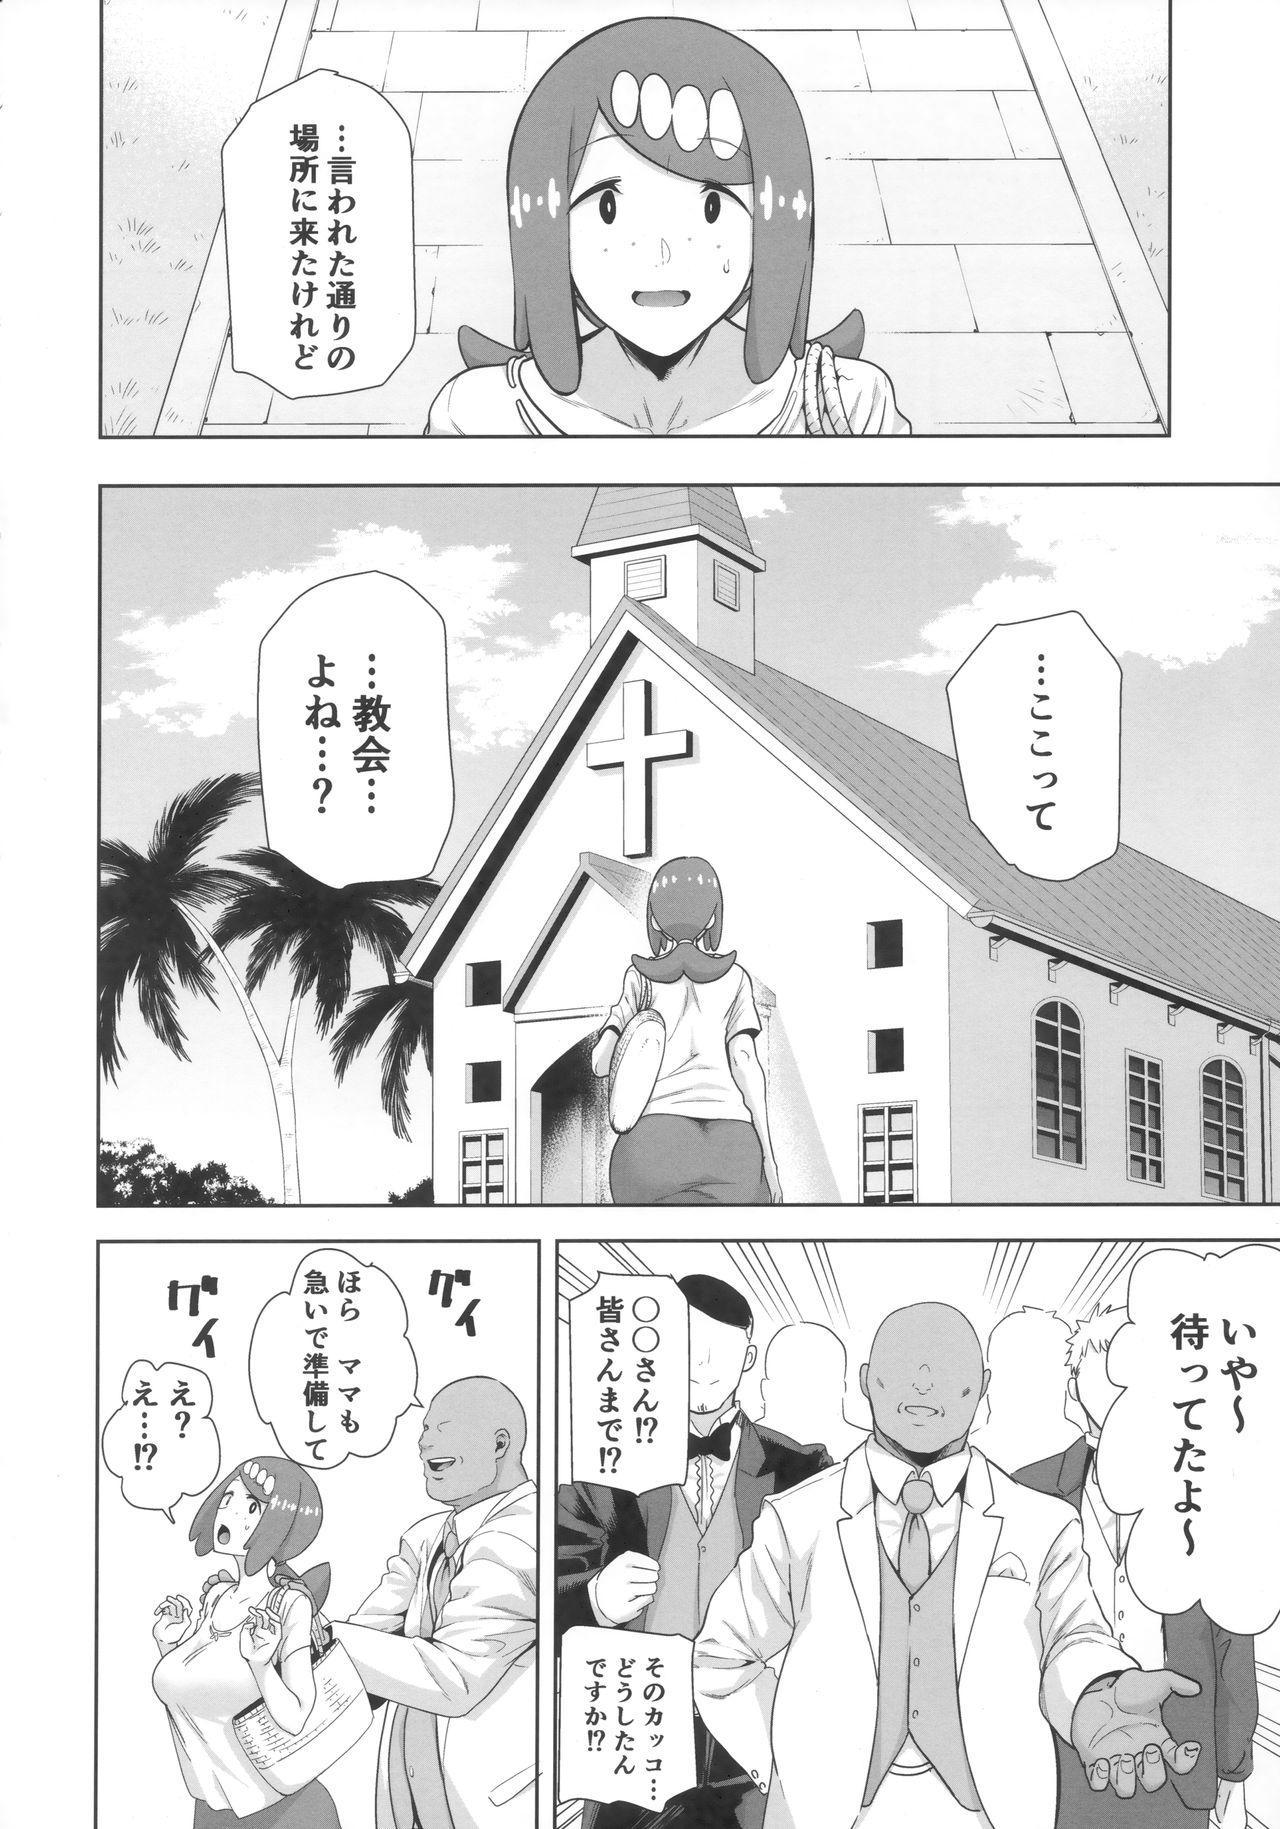 Alola no Yoru no Sugata 6 4